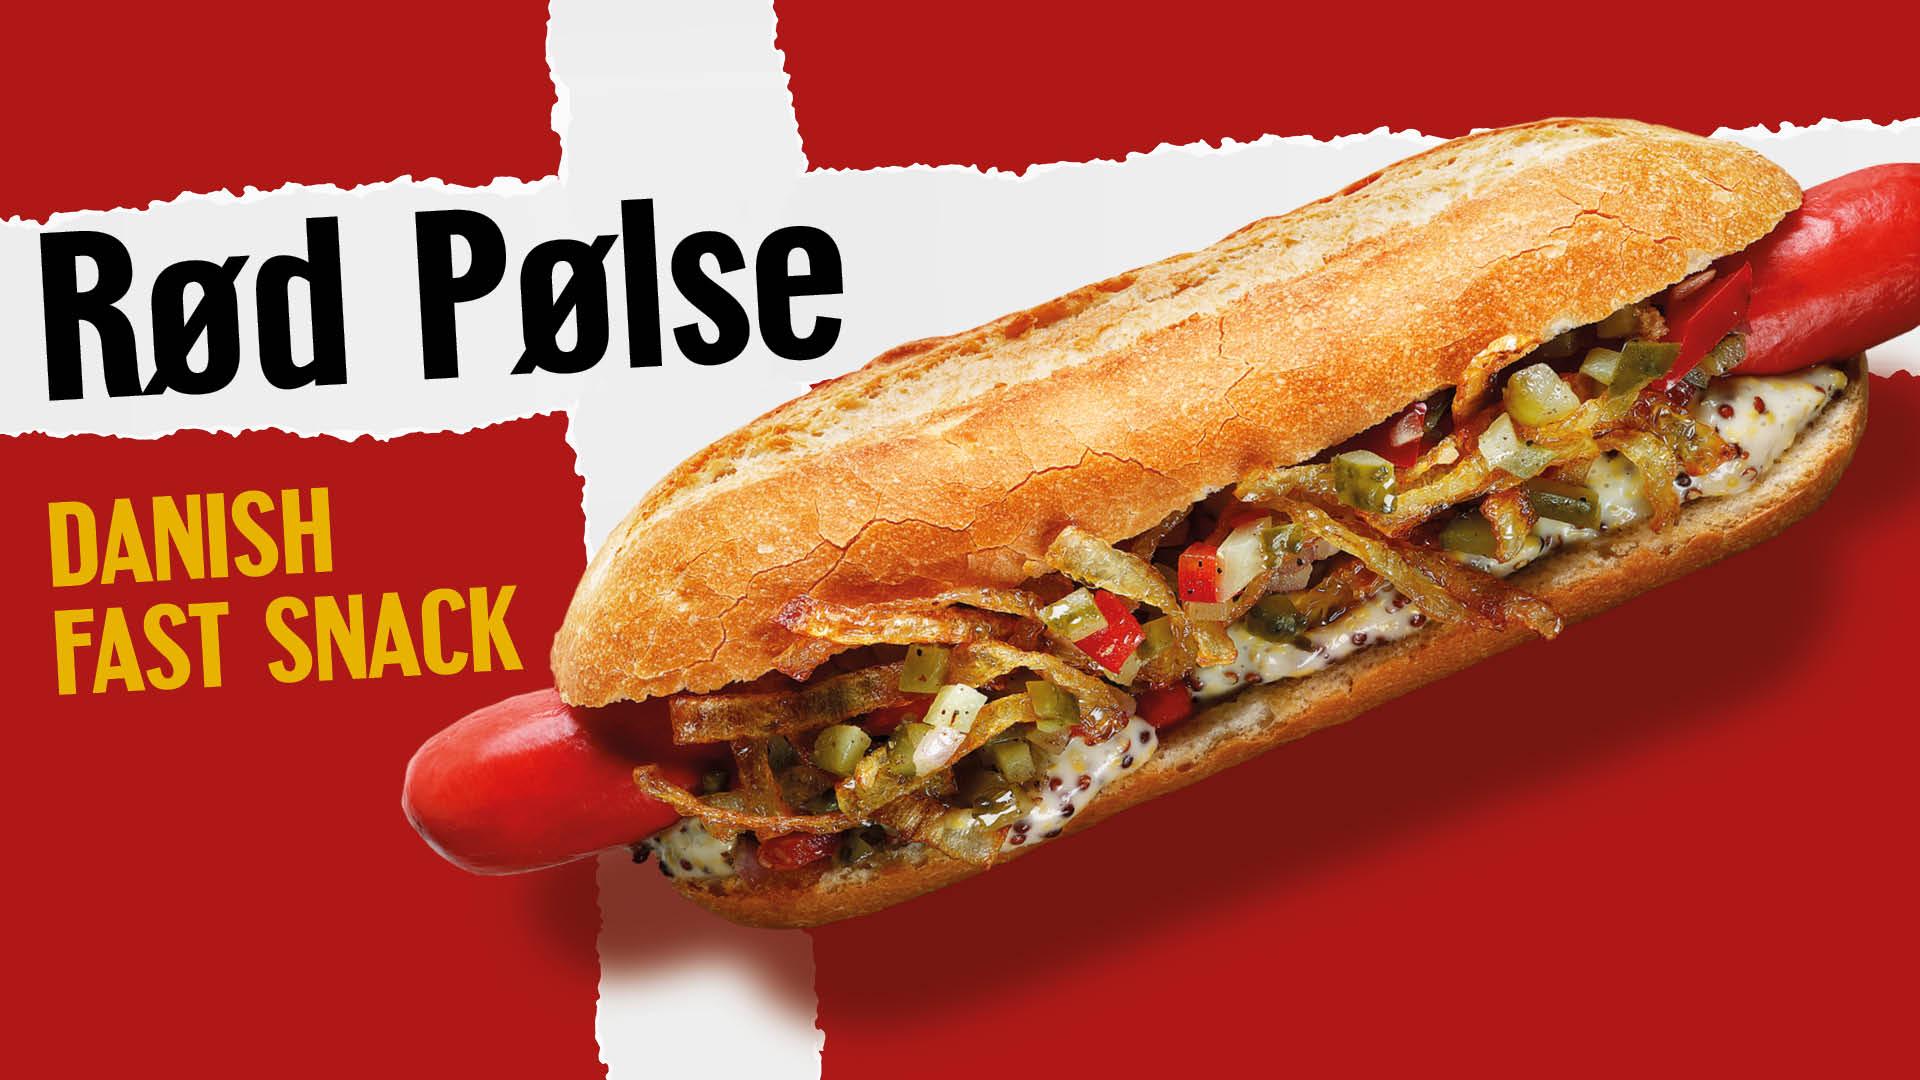 Danish fast snack